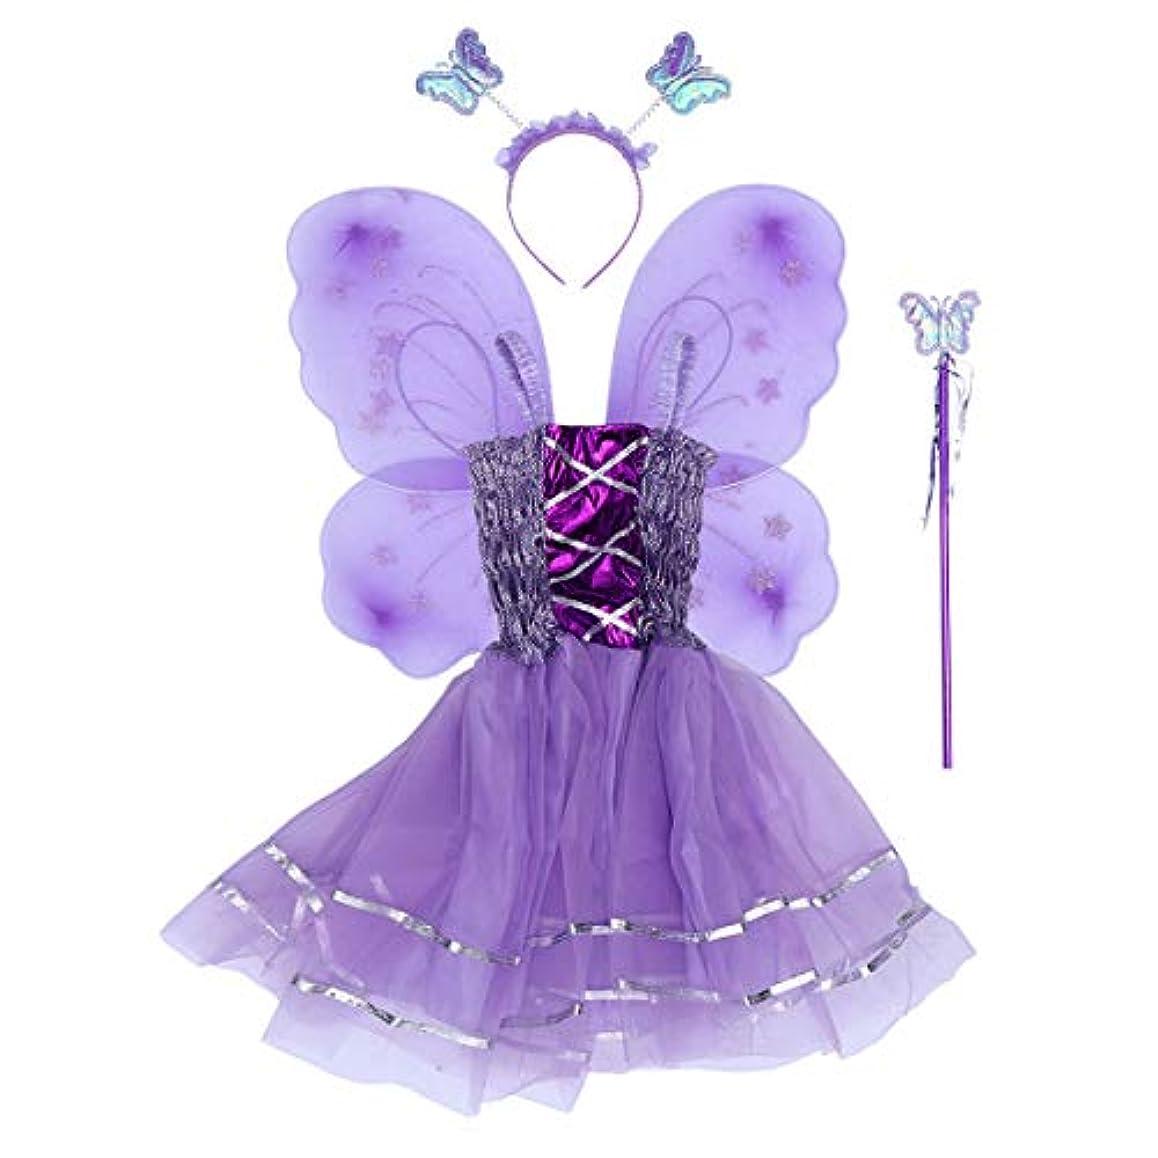 ハーフさわやか葉っぱBESTOYARD 4個の女の子バタフライプリンセス妖精のコスチュームセットバタフライウィング、ワンド、ヘッドバンドとツツードレス(バイオレット)